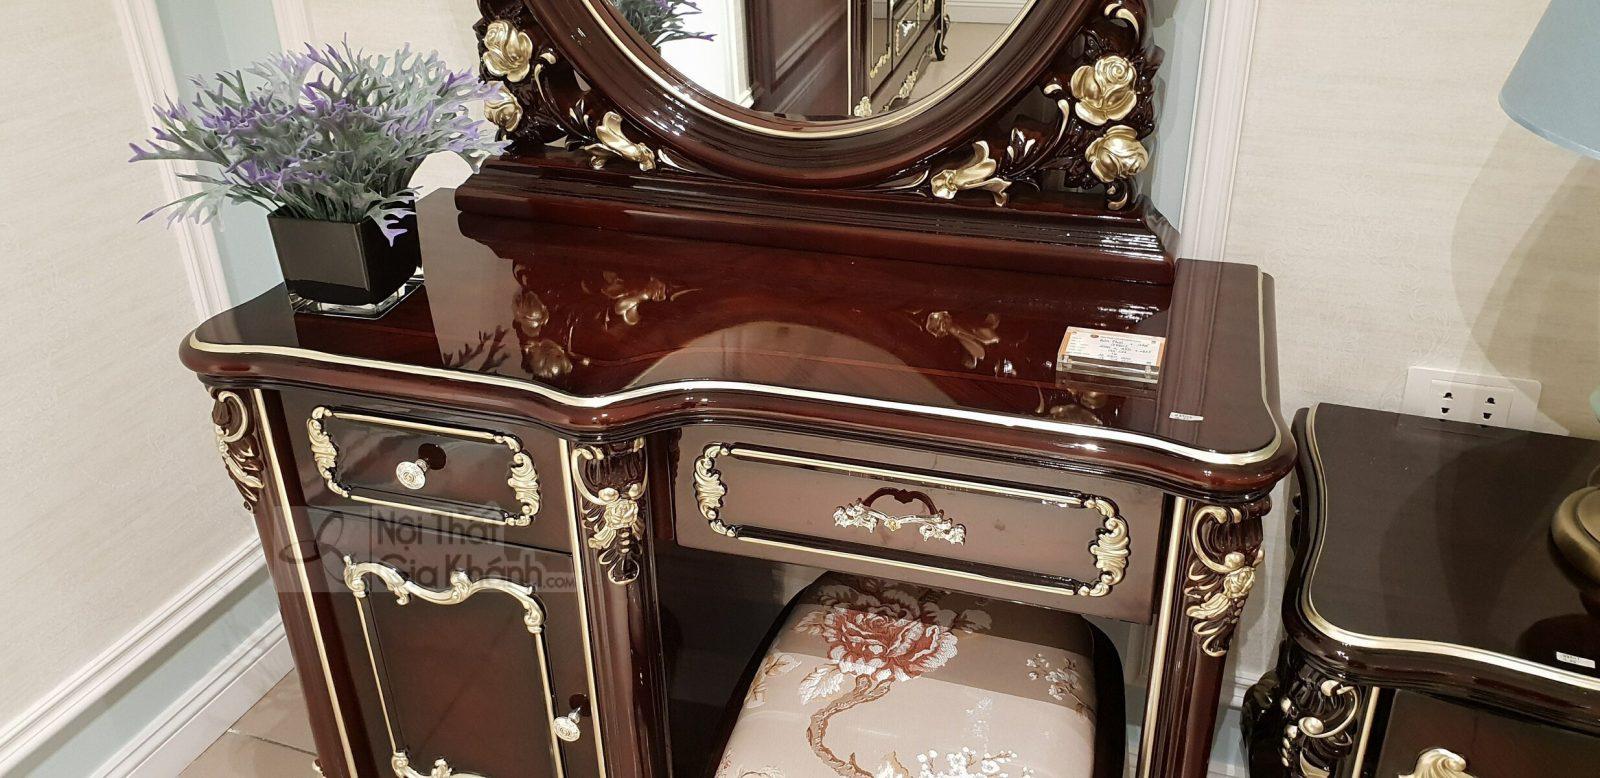 Bộ bàn trang điểm bằng gỗ cao cấp BD8802G